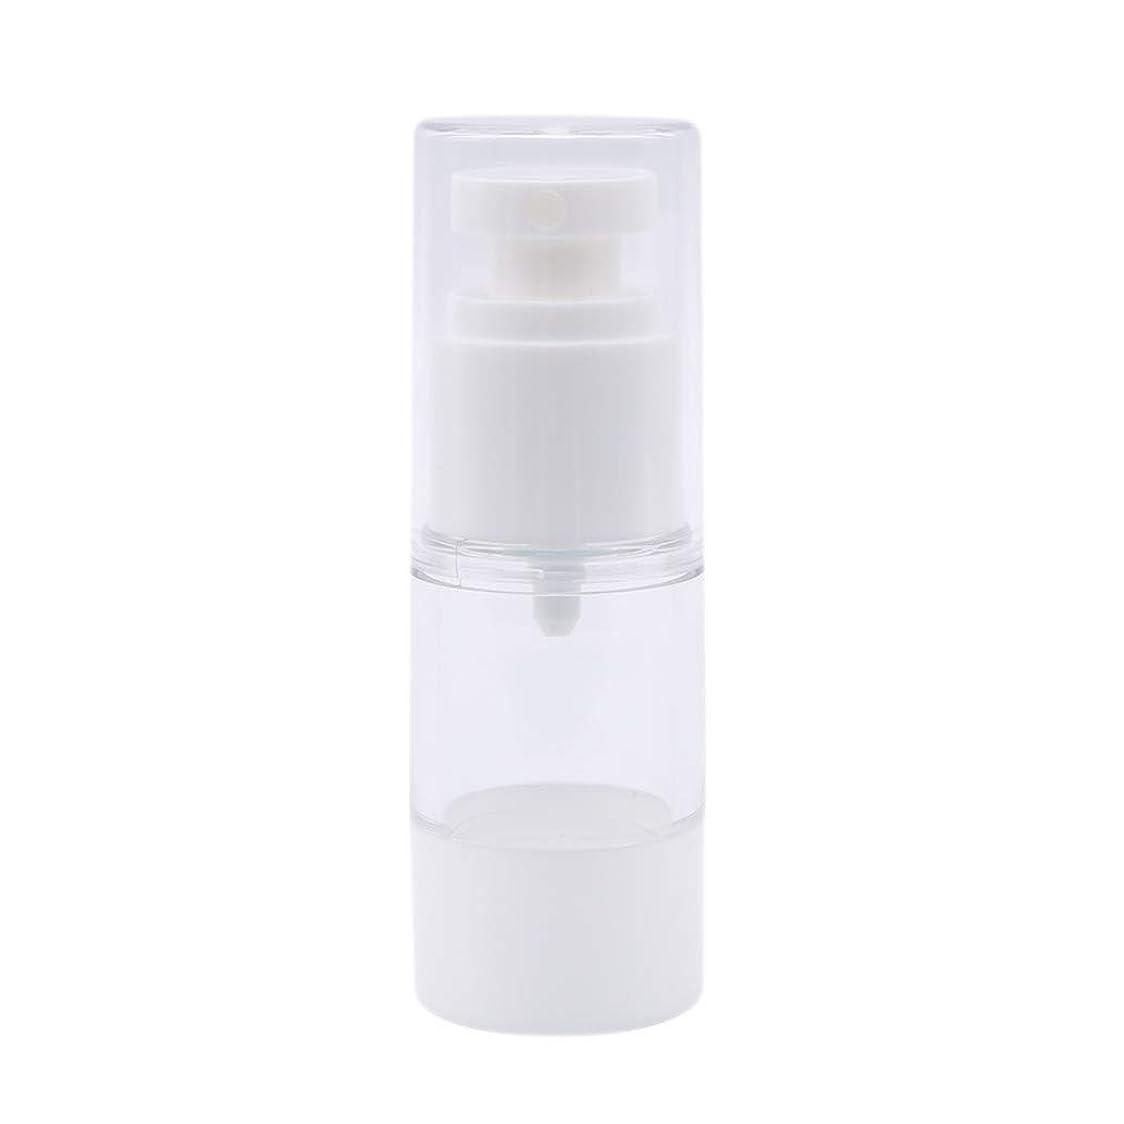 スコア楽しむ可能15ML白い真空スプレーボトル化粧品瓶詰め